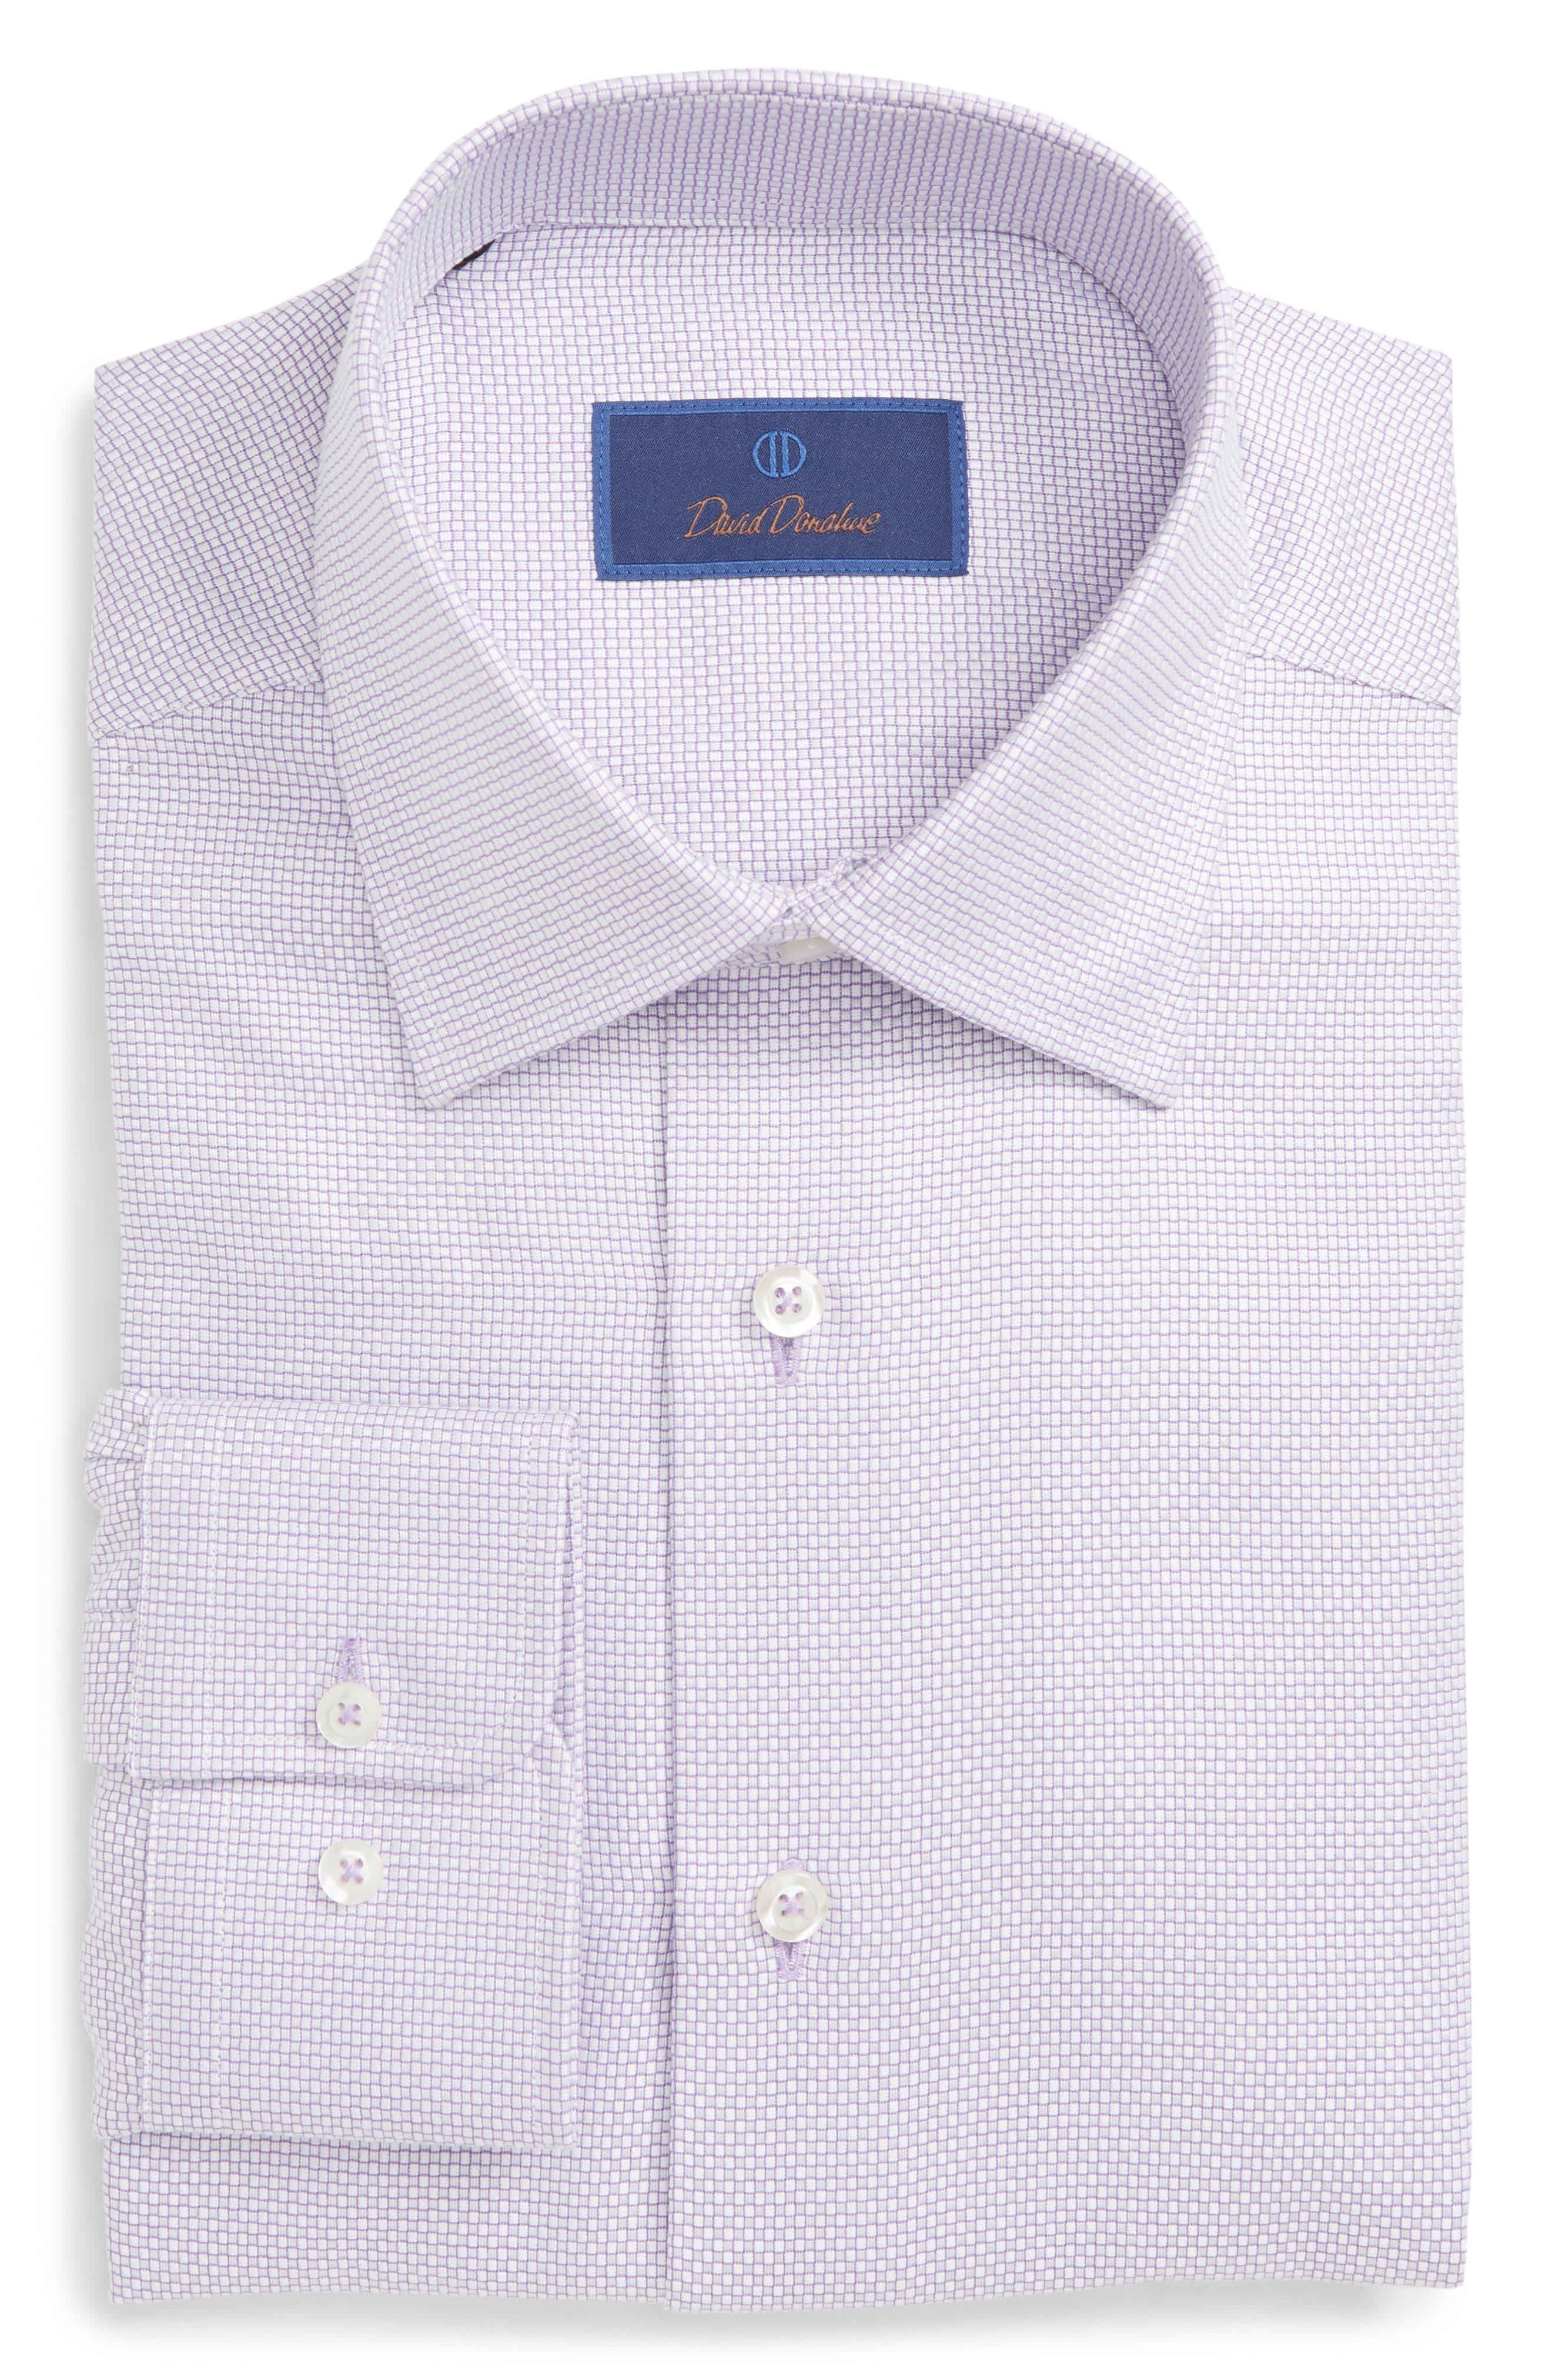 Regular Fit Check Dress Shirt,                             Main thumbnail 1, color,                             LILAC